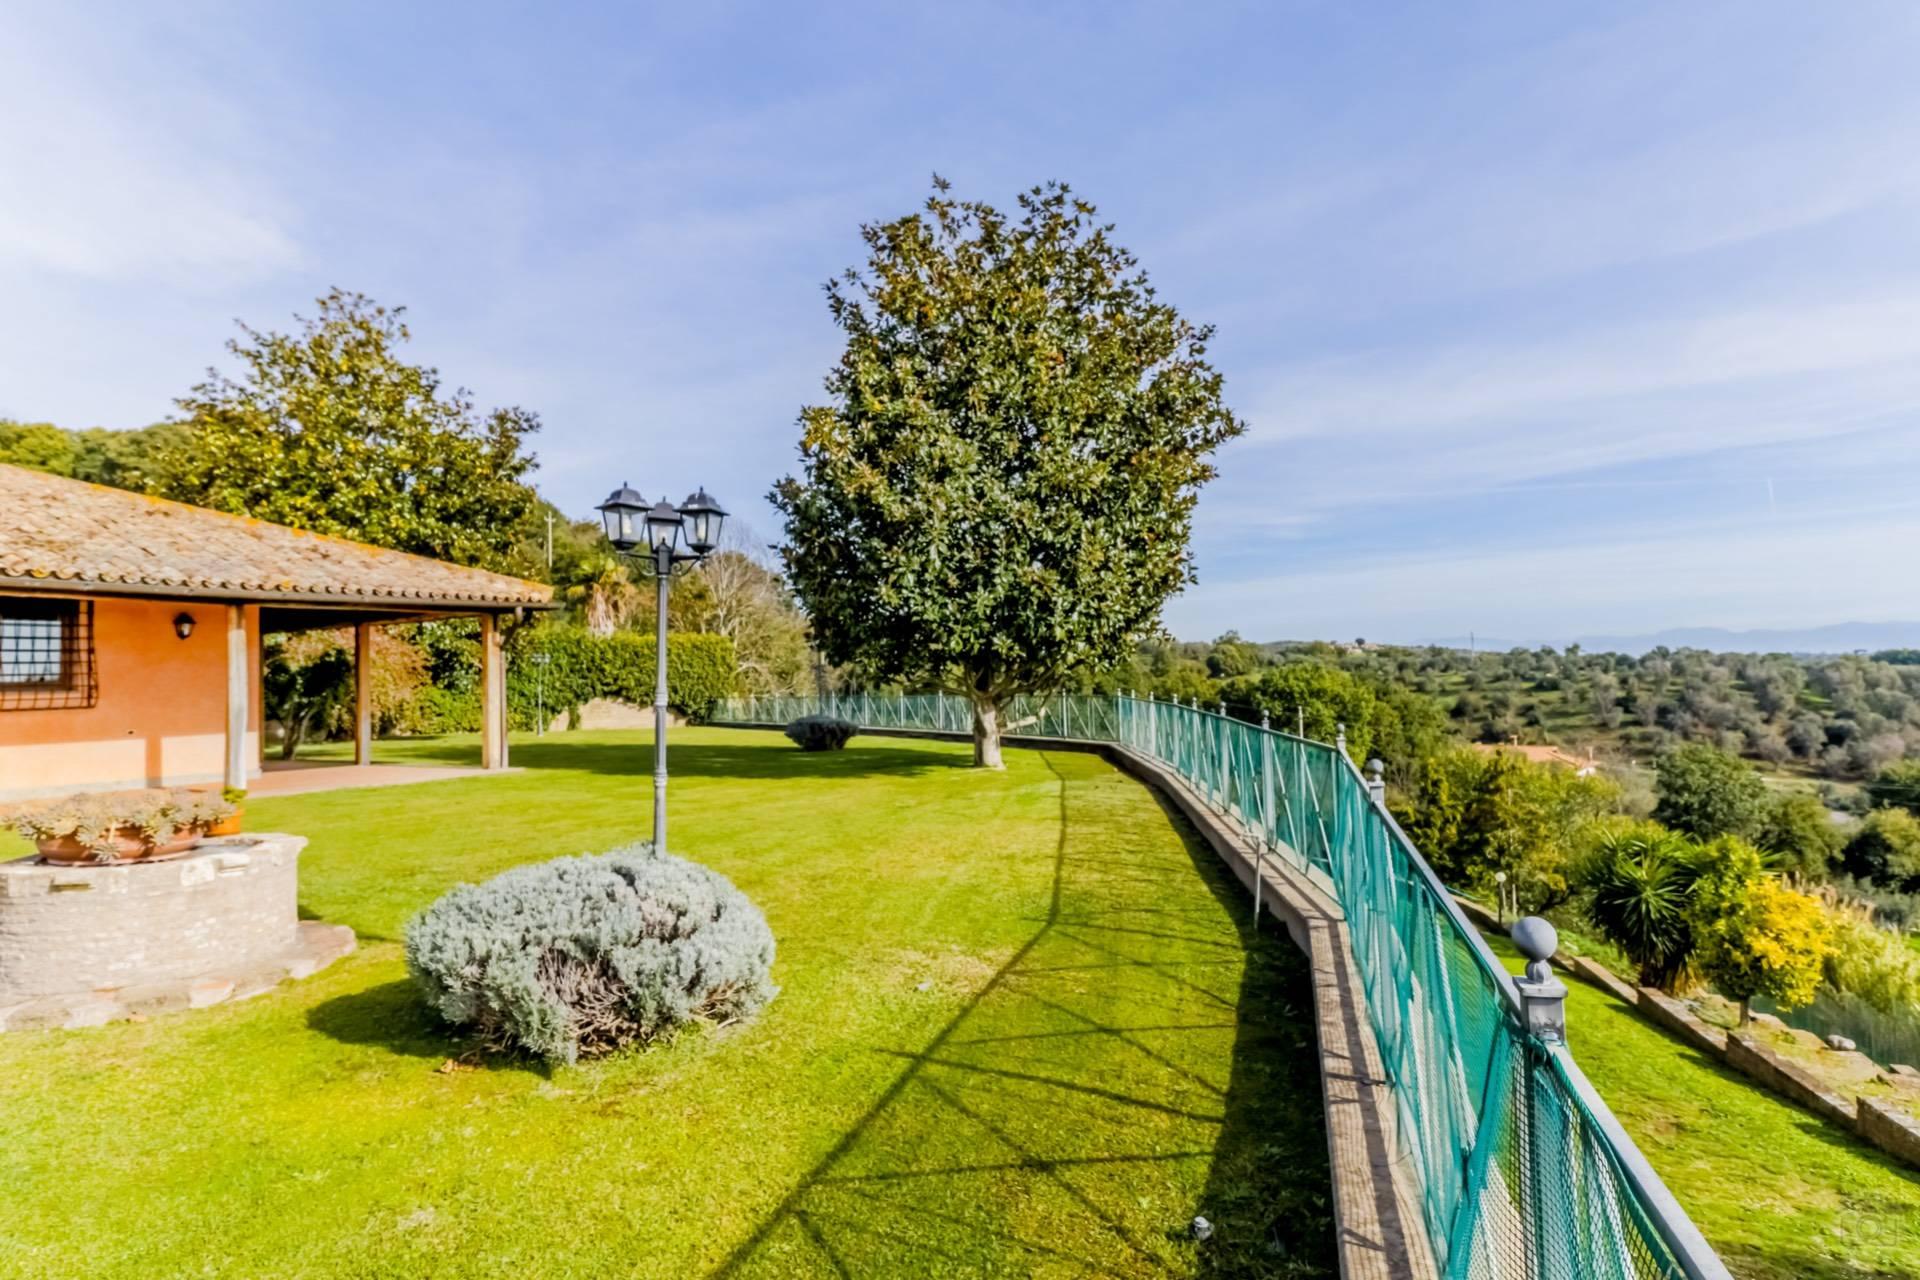 Villa in Vendita a Sacrofano: 5 locali, 180 mq - Foto 21